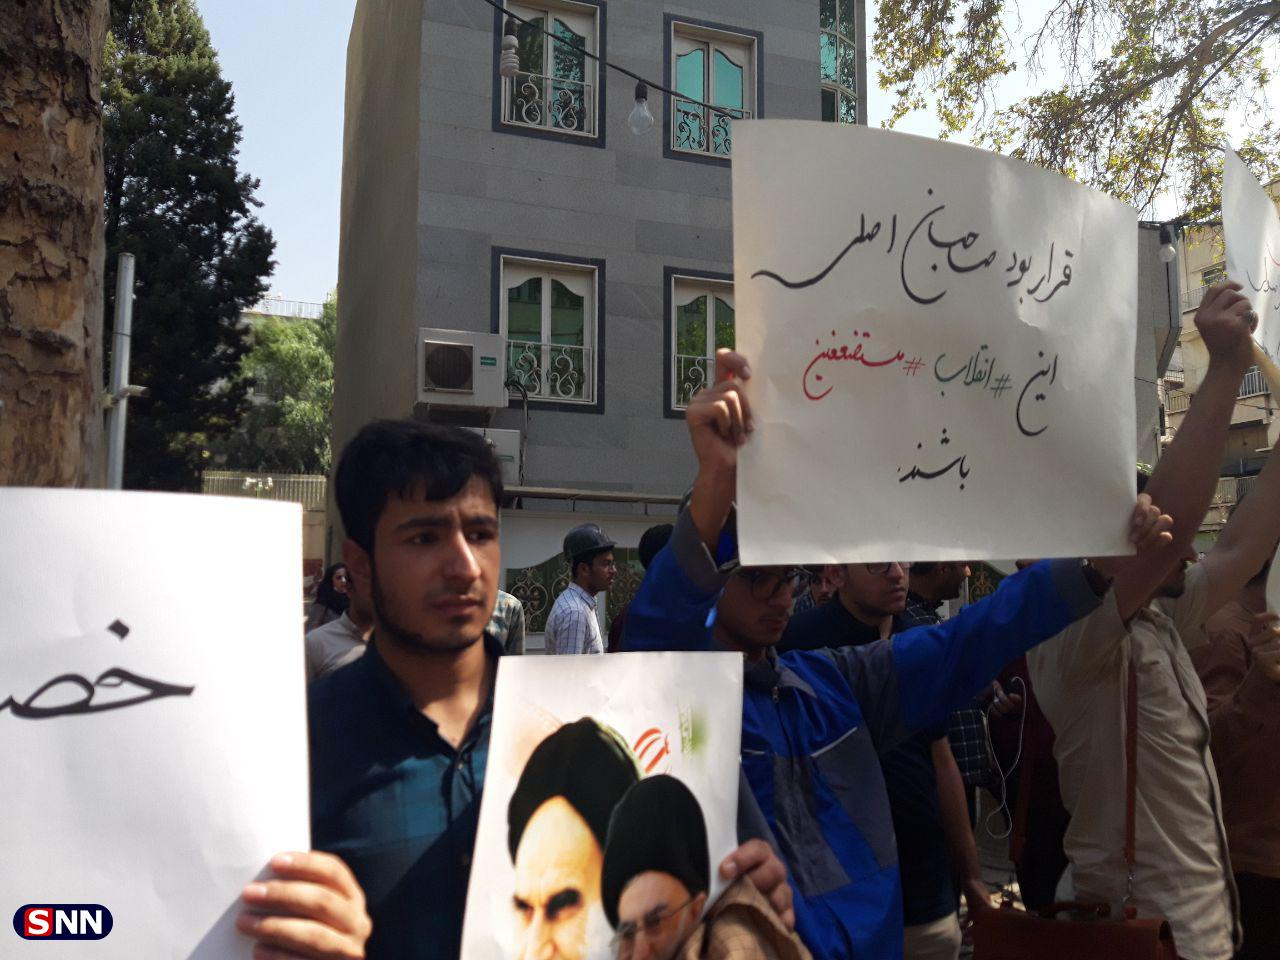 دانشجویان معترض به خصوصیسازیهای افسارگسیخته در تجمع امروز چه گفتند؟ / چرا روحانی و لاریجانی سکوت کردهاند!